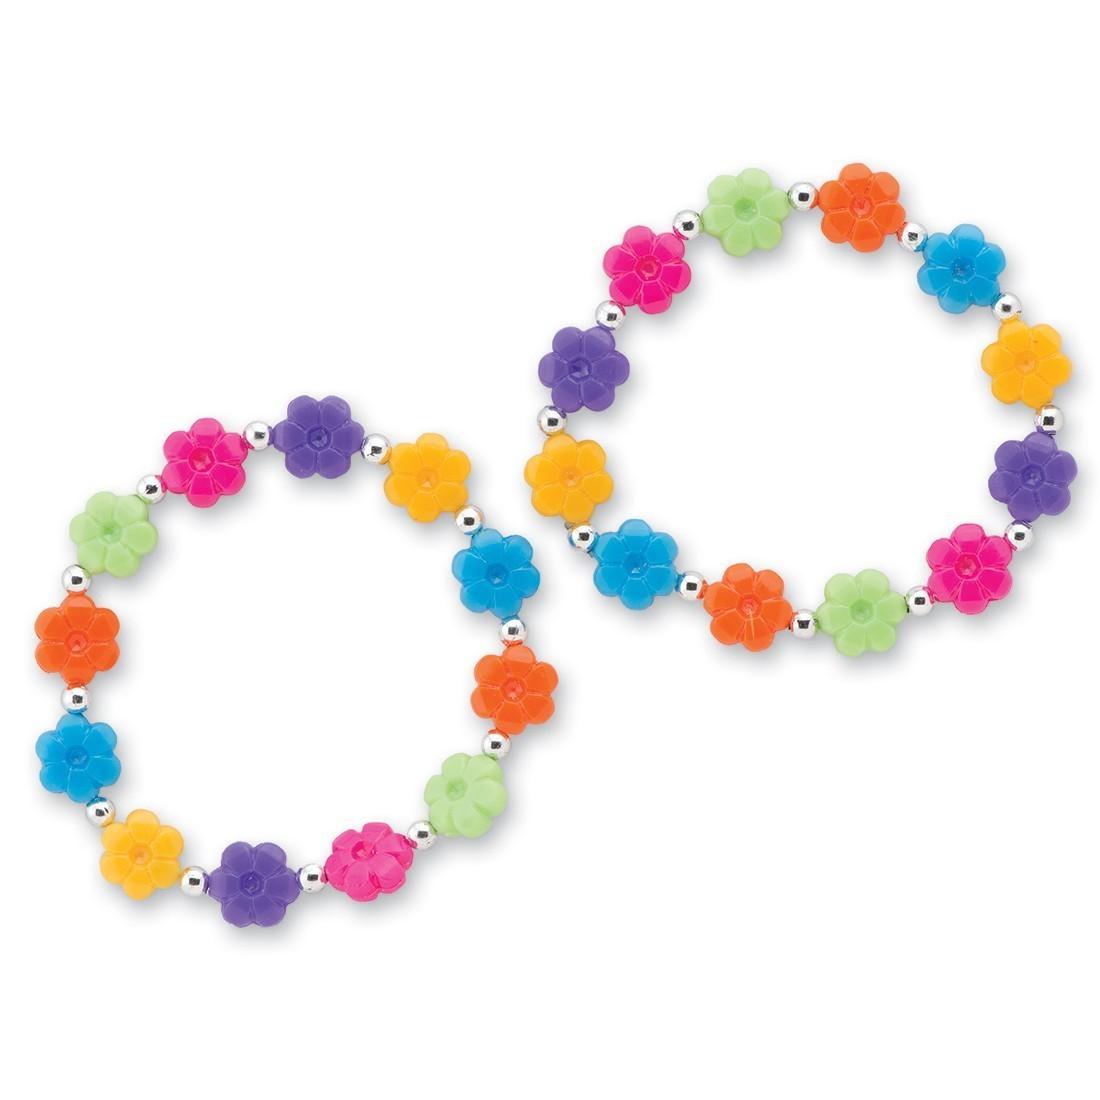 Stretchy Flower Bracelets [image]